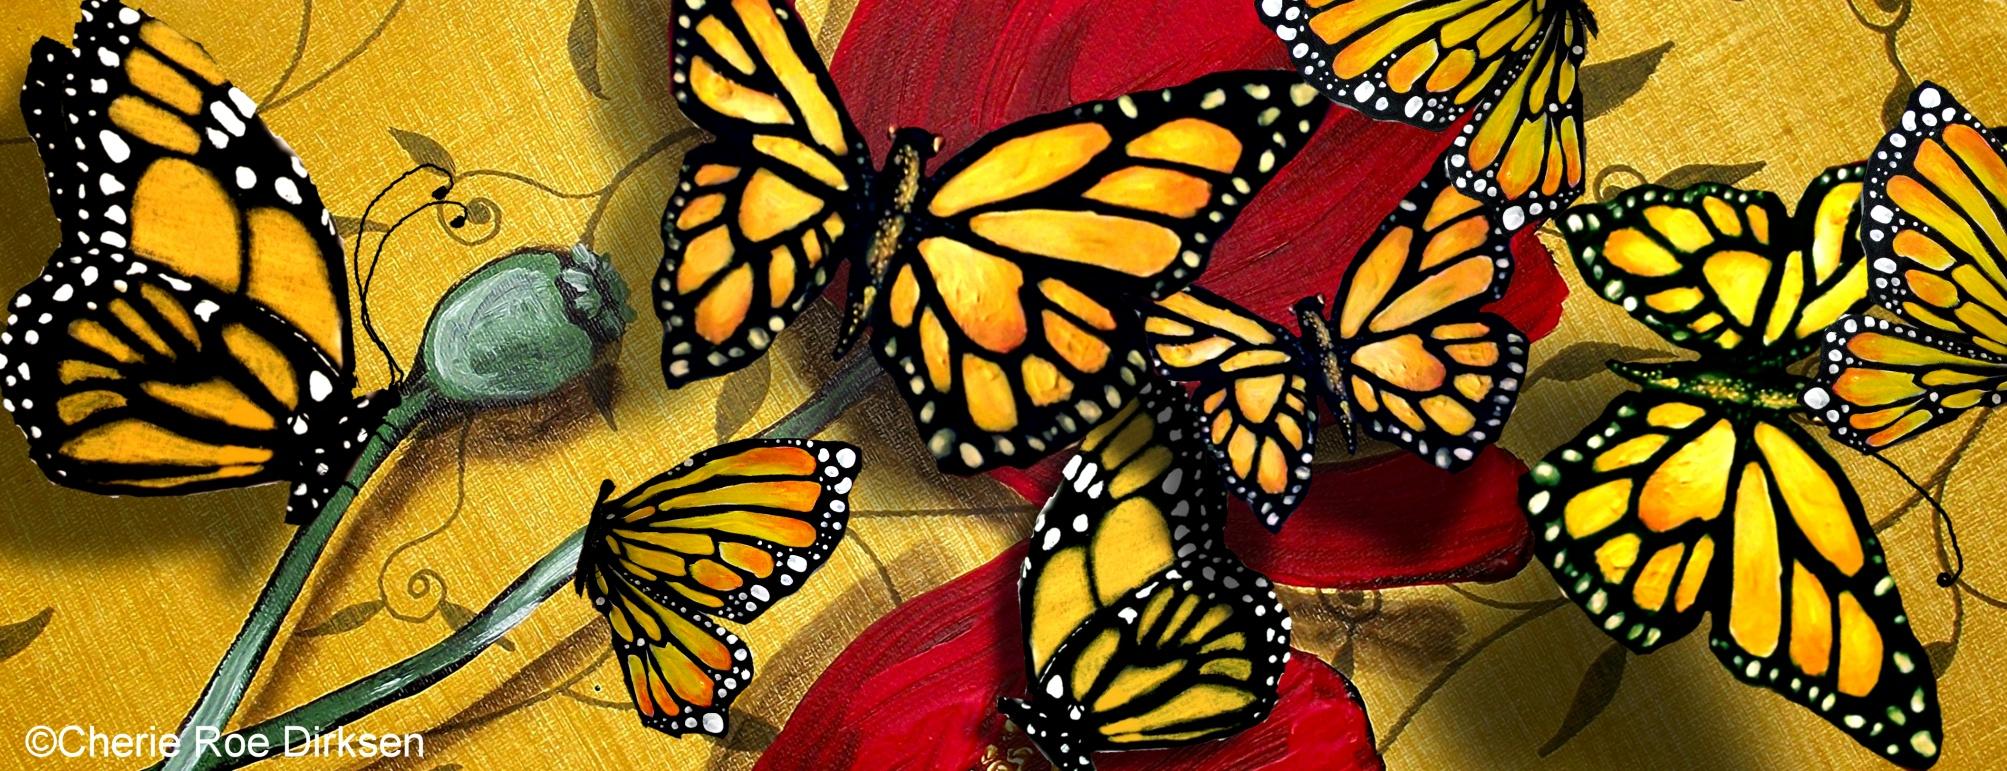 Monarch Butterfly Collage by Cherie Roe Dirksen